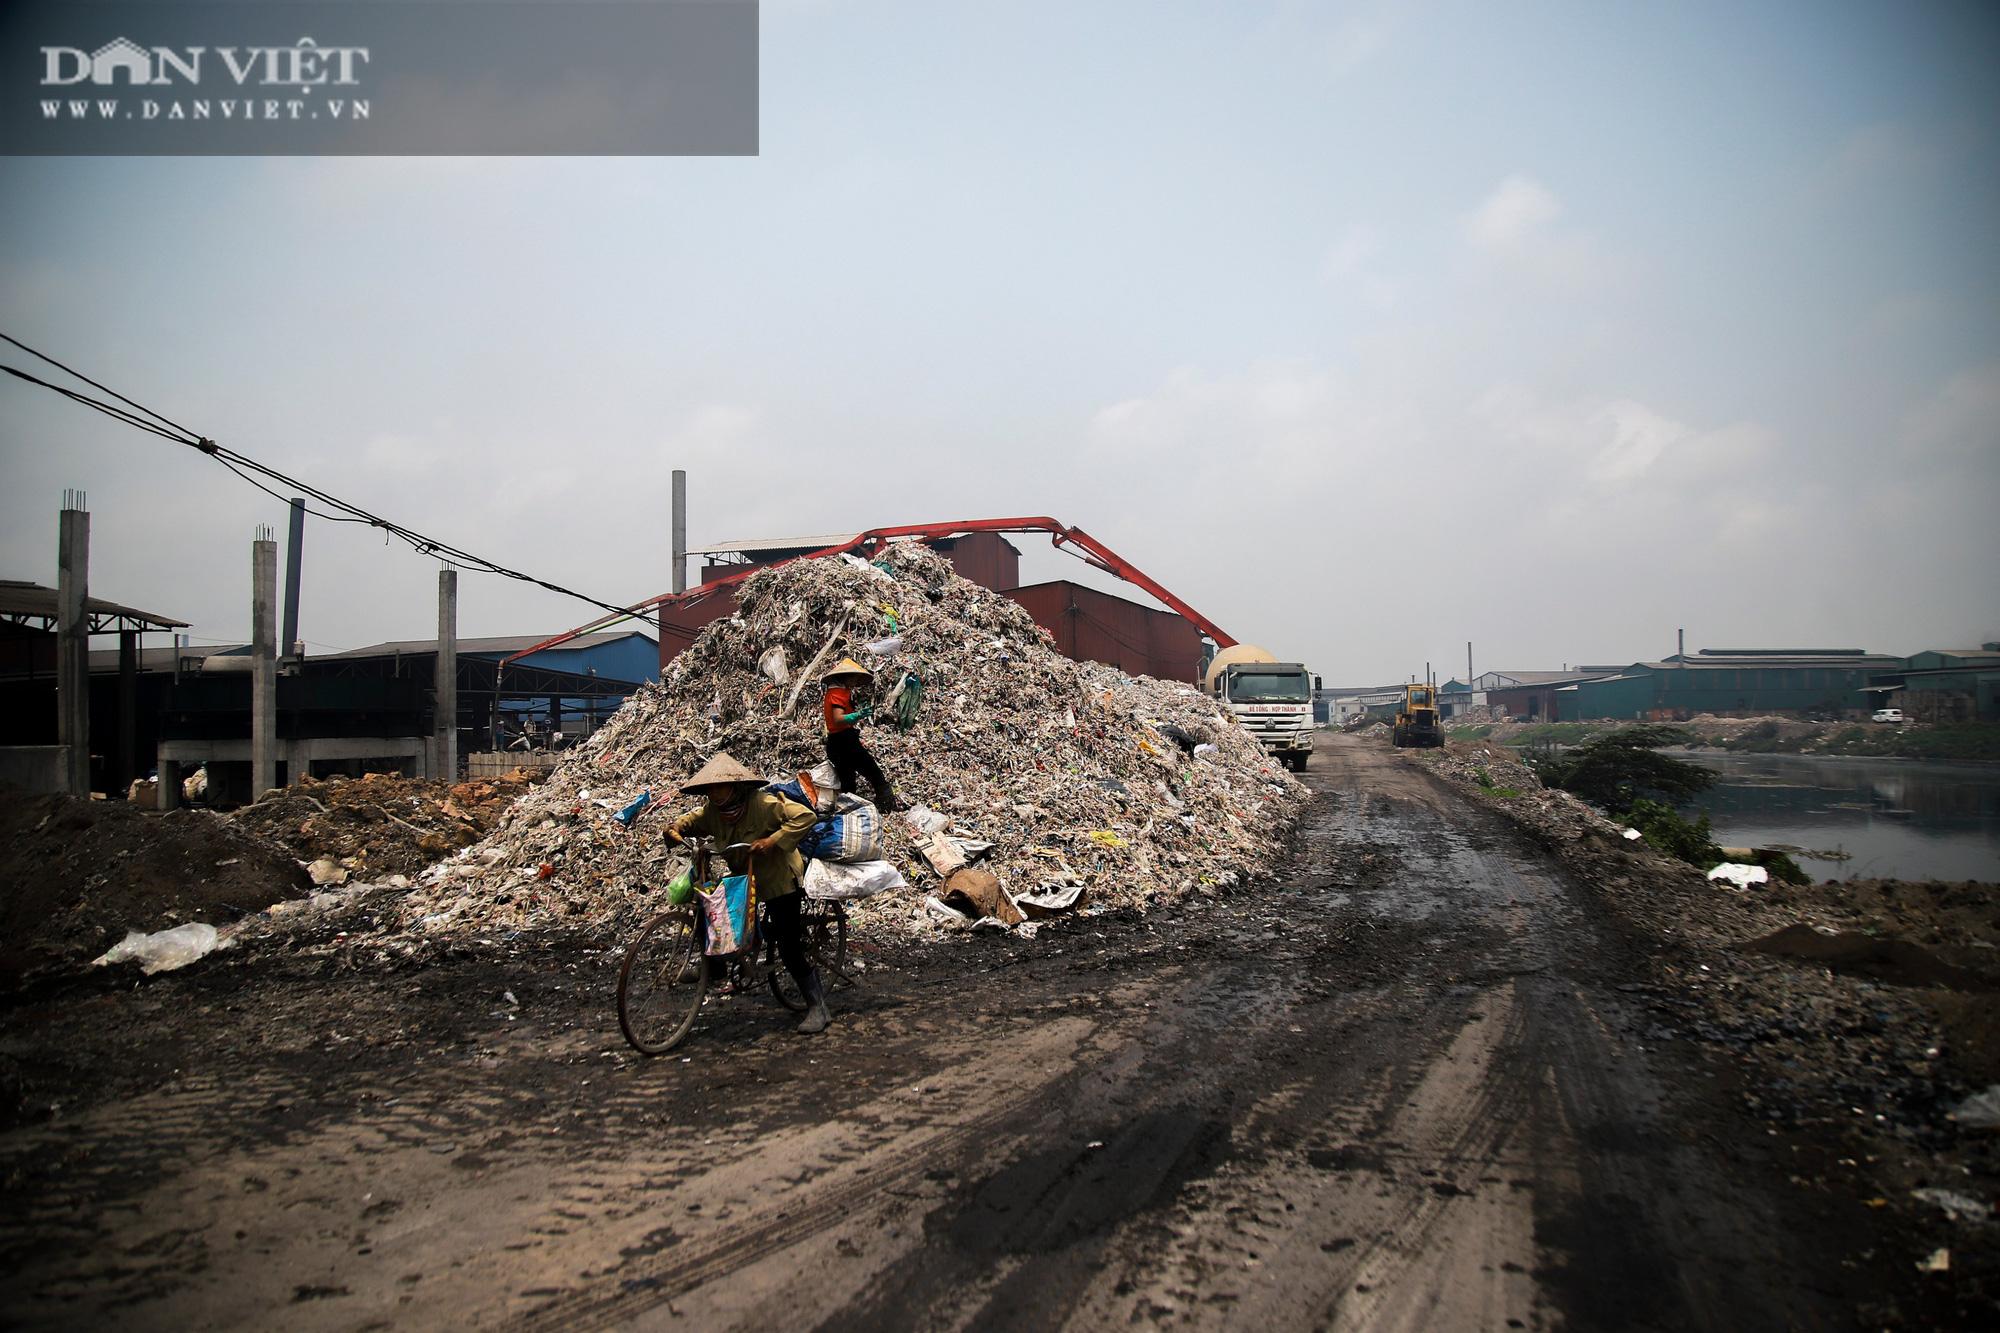 Ám ảnh khủng khiếp ở làng giấy Phú Lâm: Ô nhiễm đến con ruồi cũng không sống nổi, công nhân bán mòn sức - Ảnh 32.